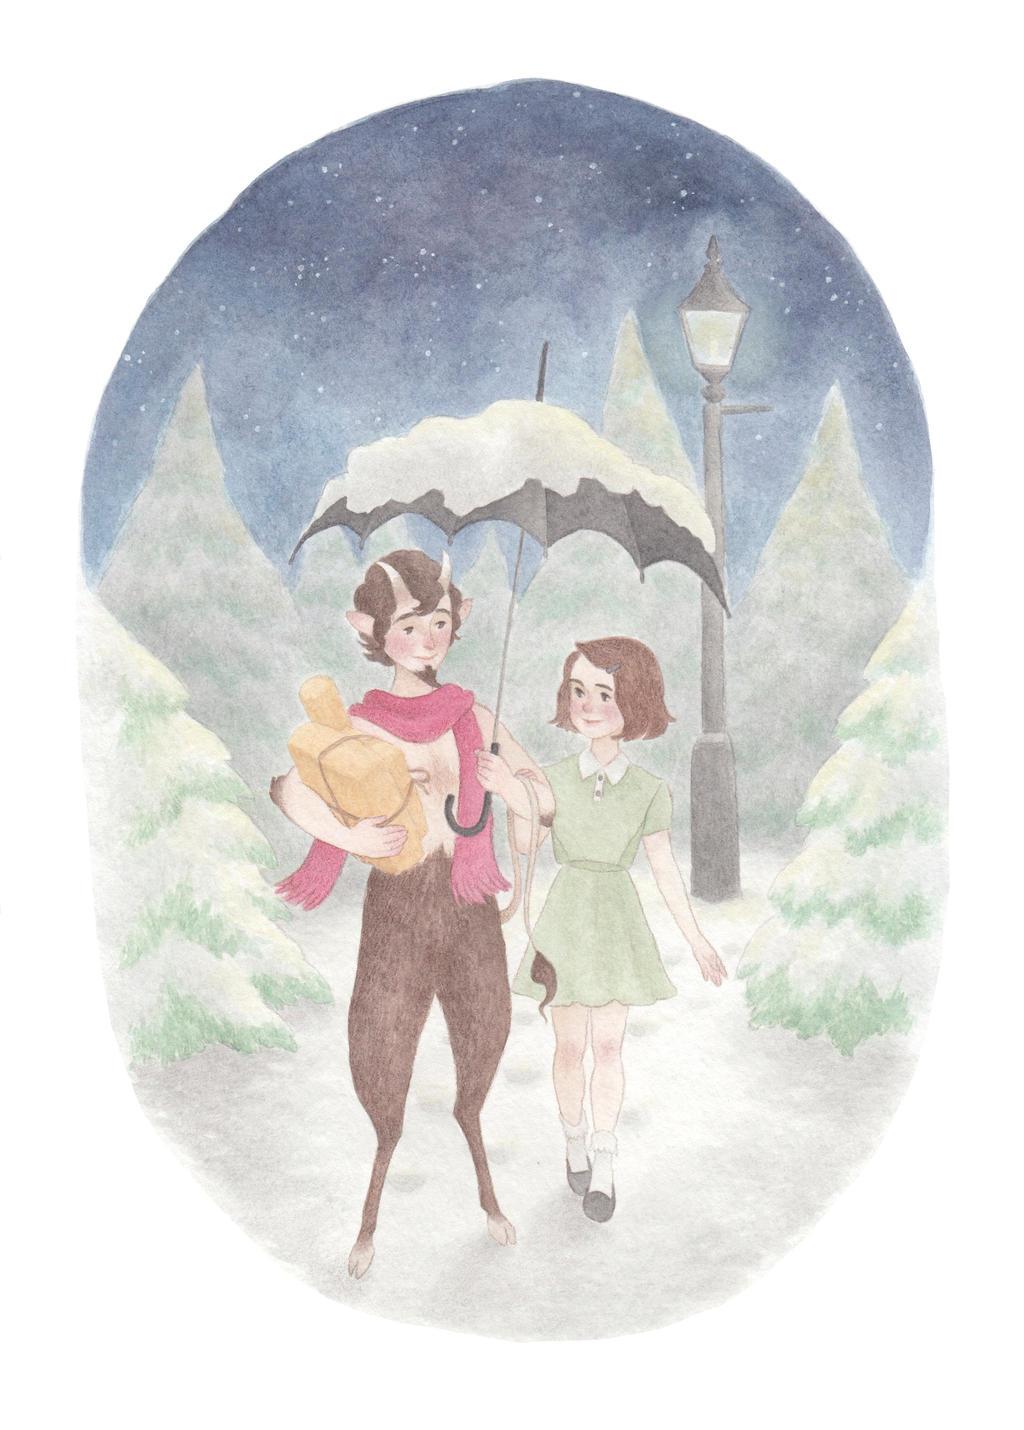 Lucy and Mr. Tumnus by HogwartsWizard on DeviantArt